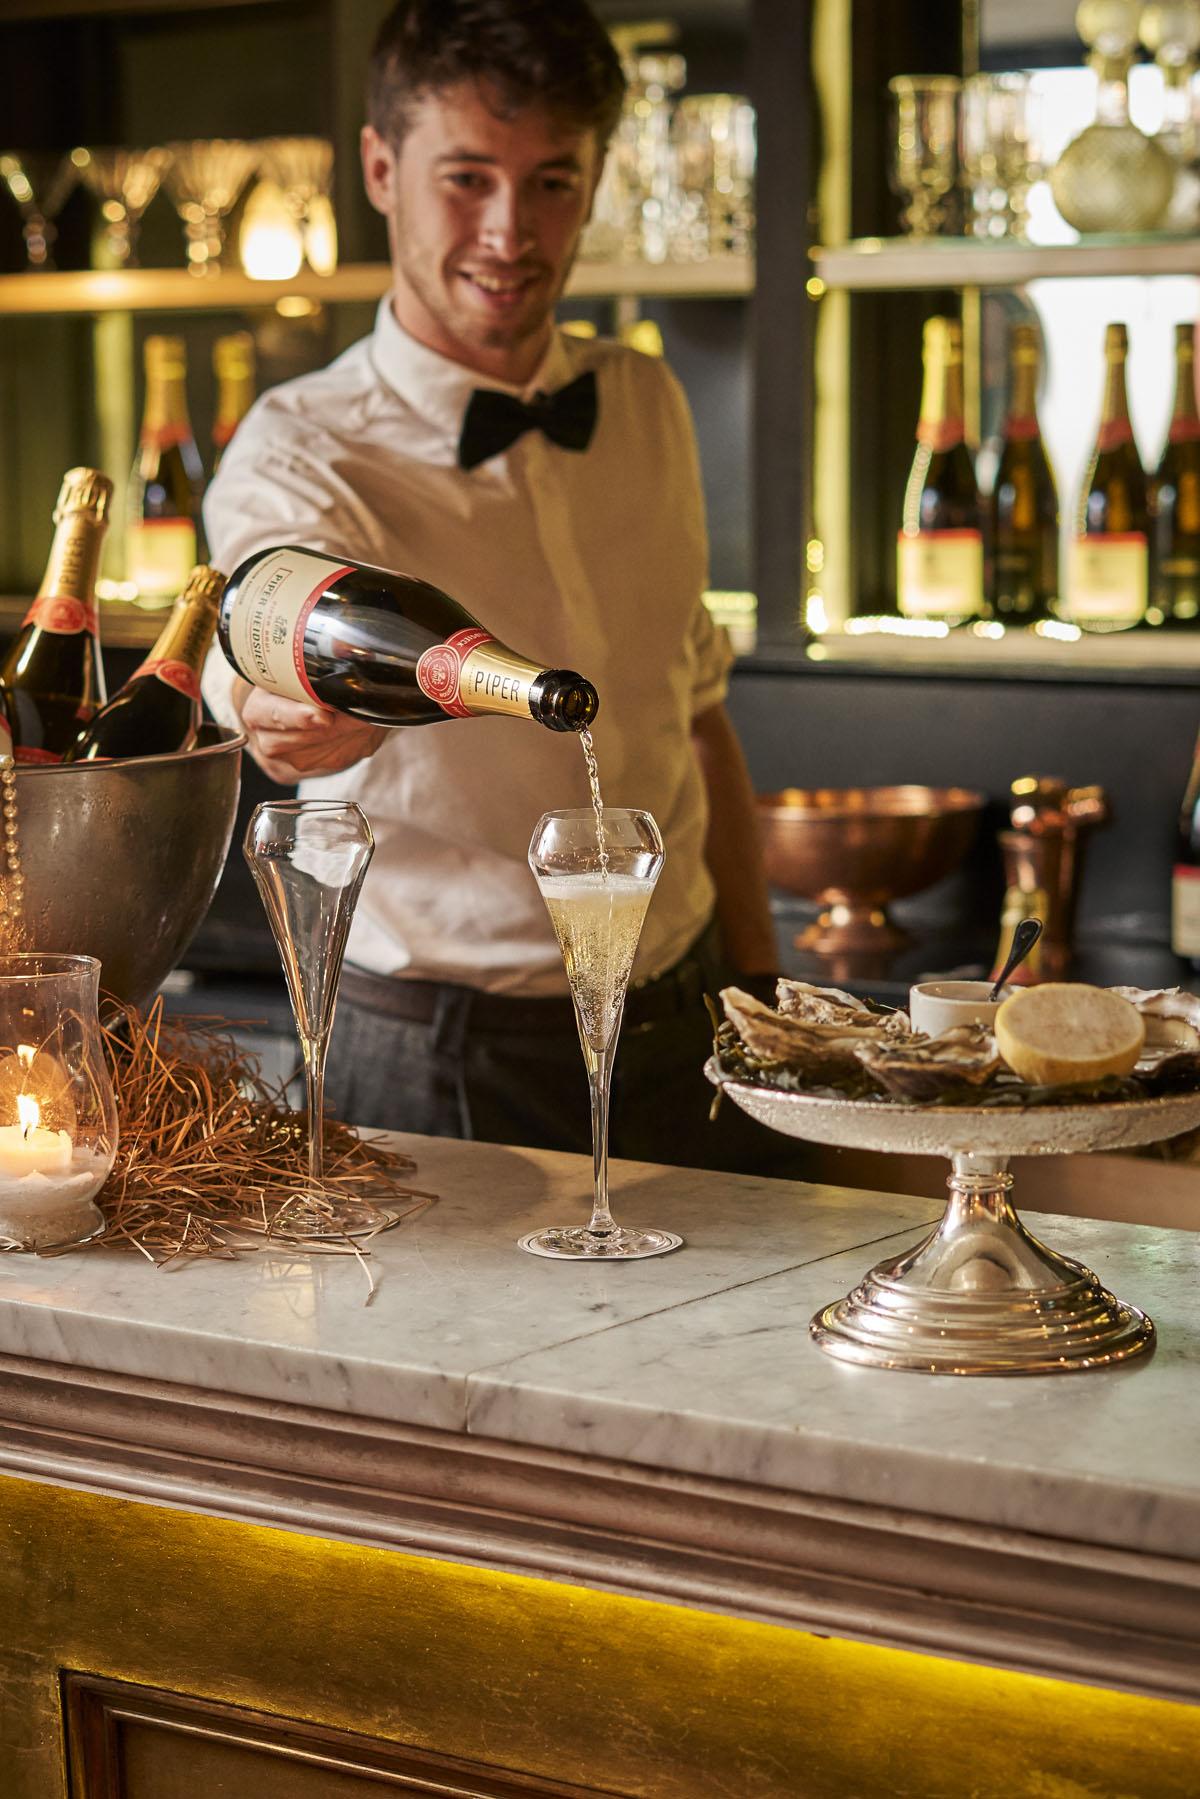 Barman serving Piper Heindsieck champagne